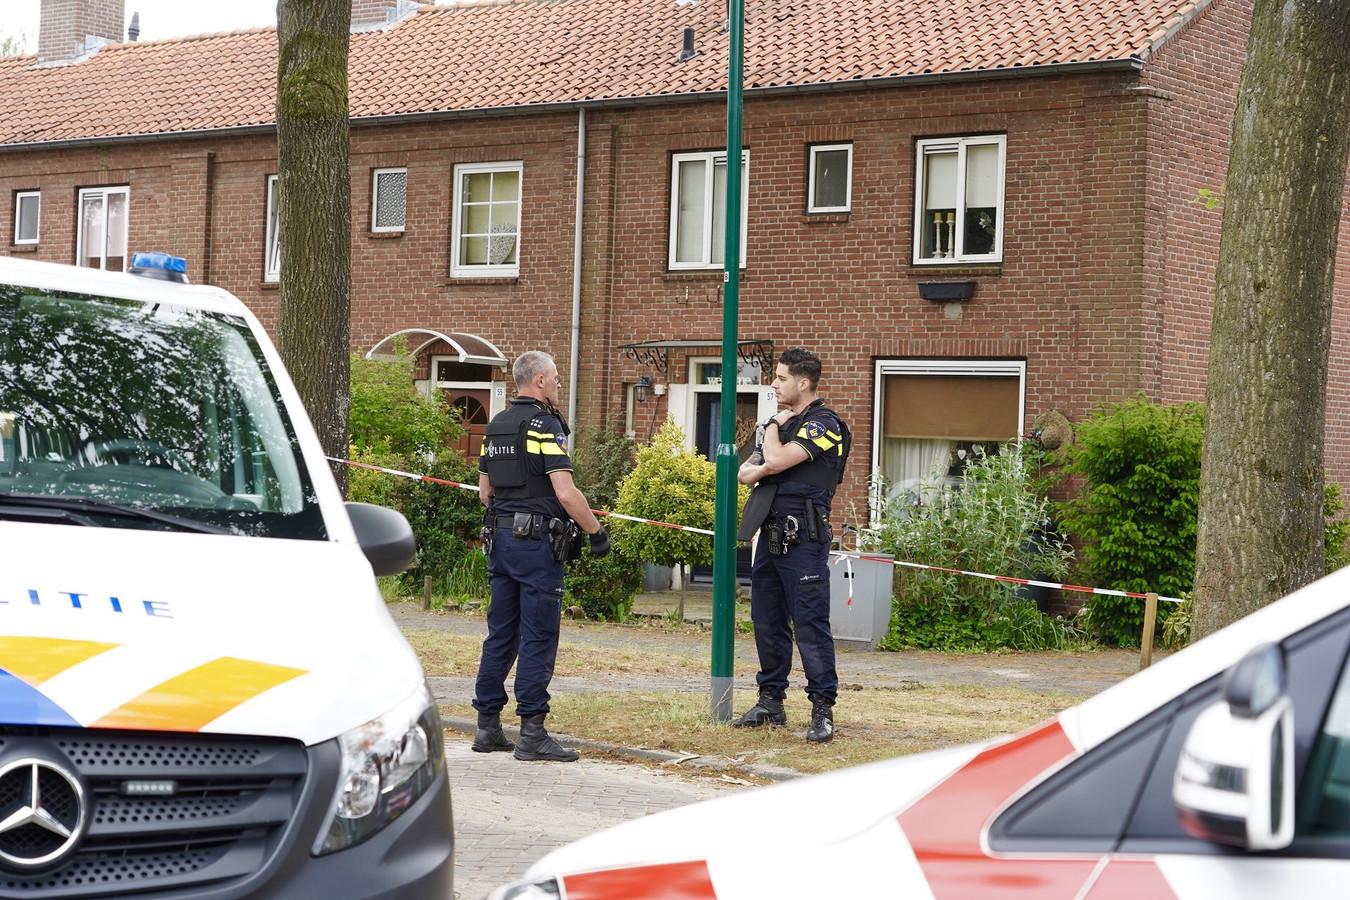 De woning in de Karel Doormanstraat in Rijen waar de schietpartij plaatsvond wordt bewaakt door agenten.